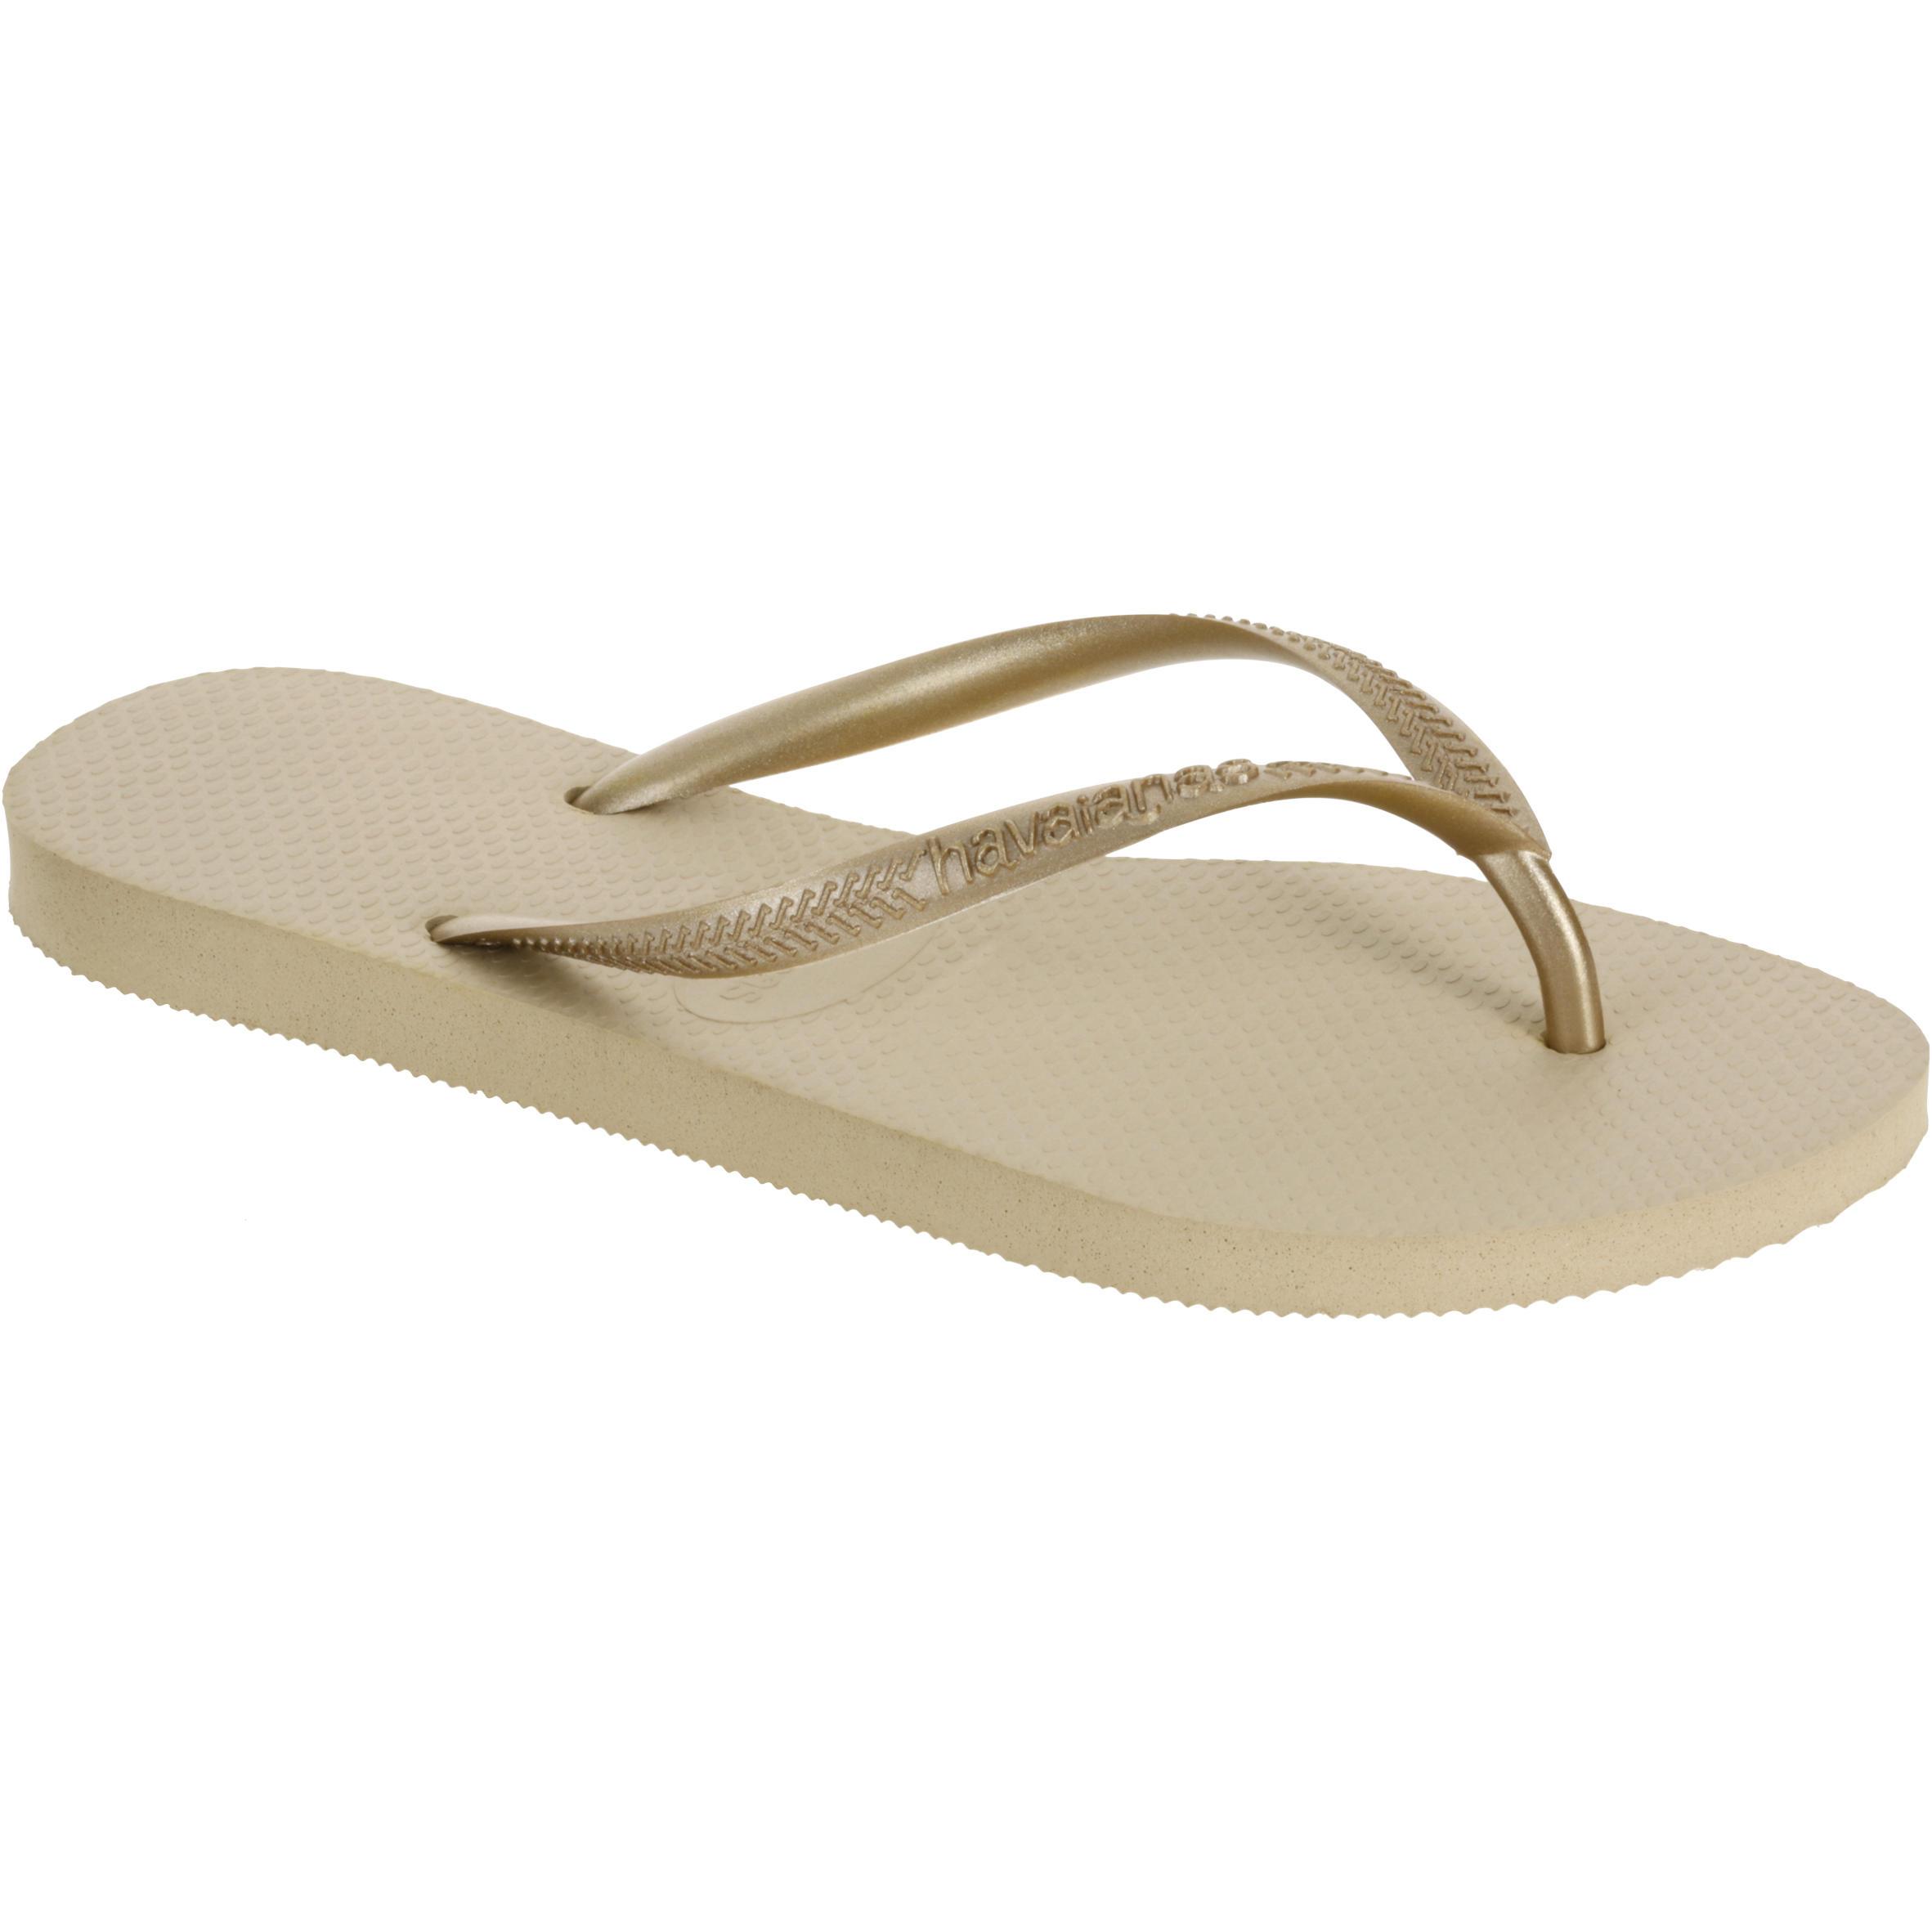 Havaianas Damesslippers Havaianas Slim beige kopen